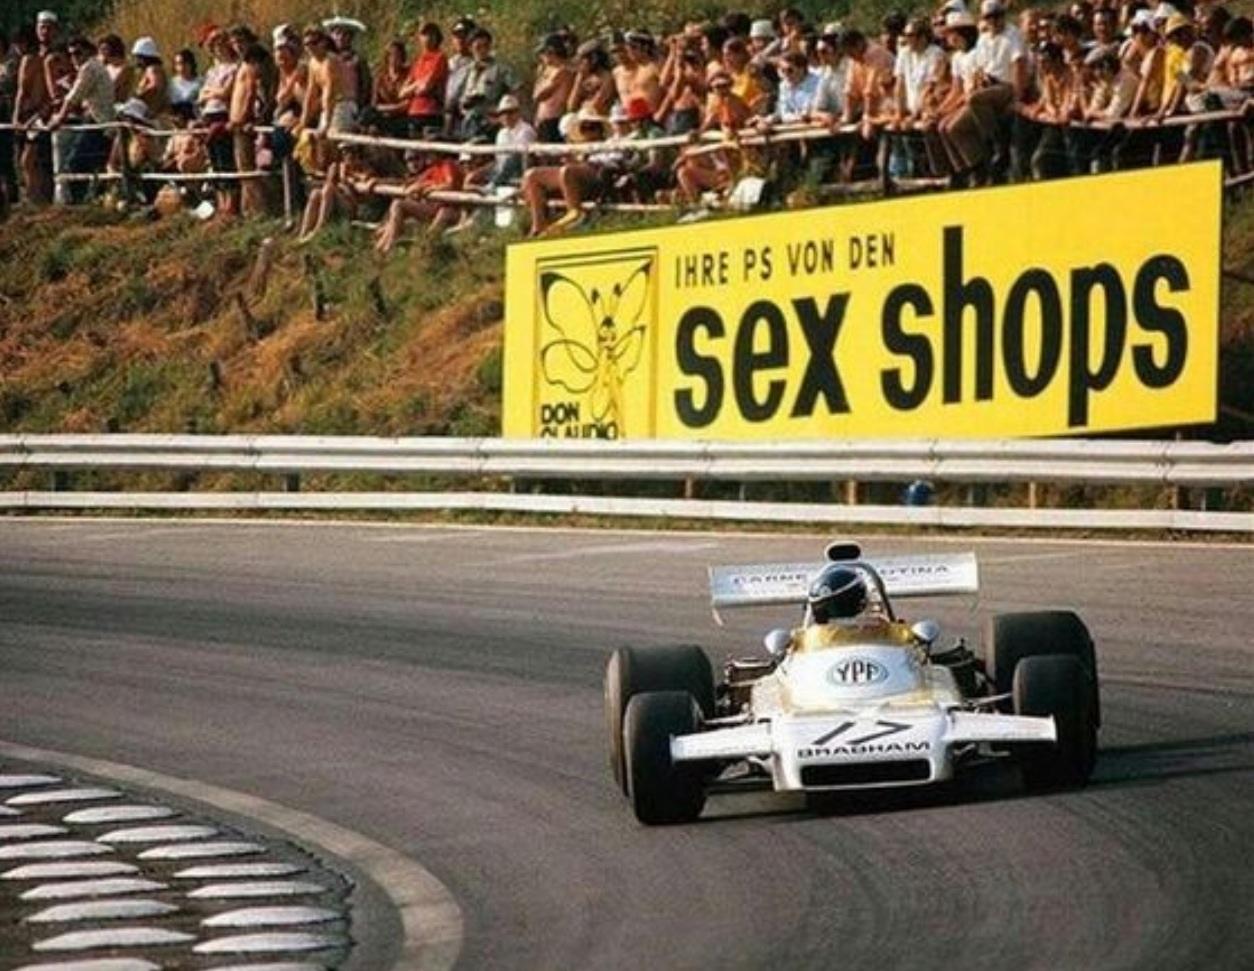 Spark 1 43 john player spl lotus 72d 5 winner spain 1972 world champ - Reutemann Bt37 Osterreichring 1972 Unattributed